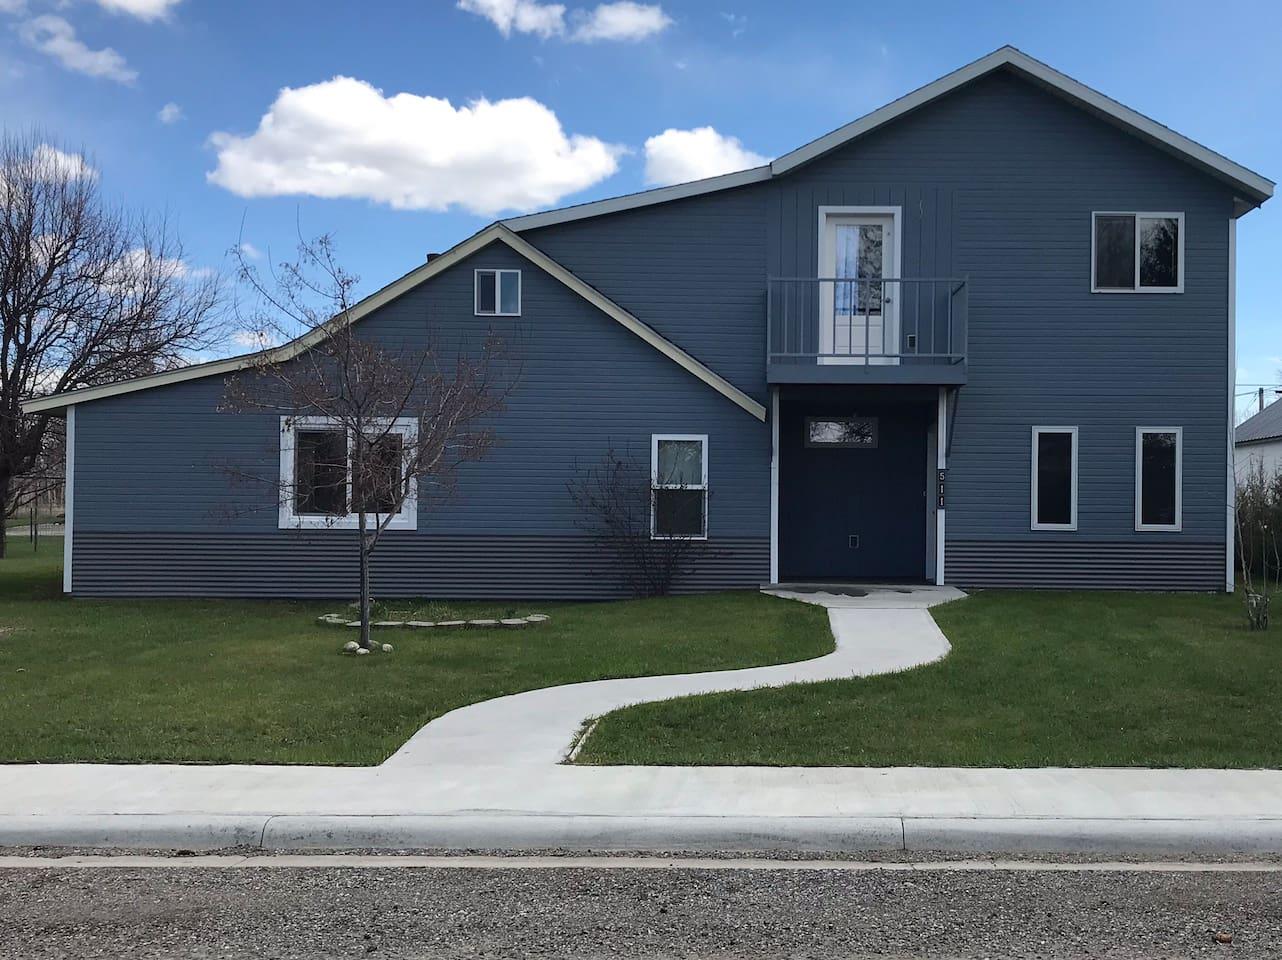 The Blue Bird House